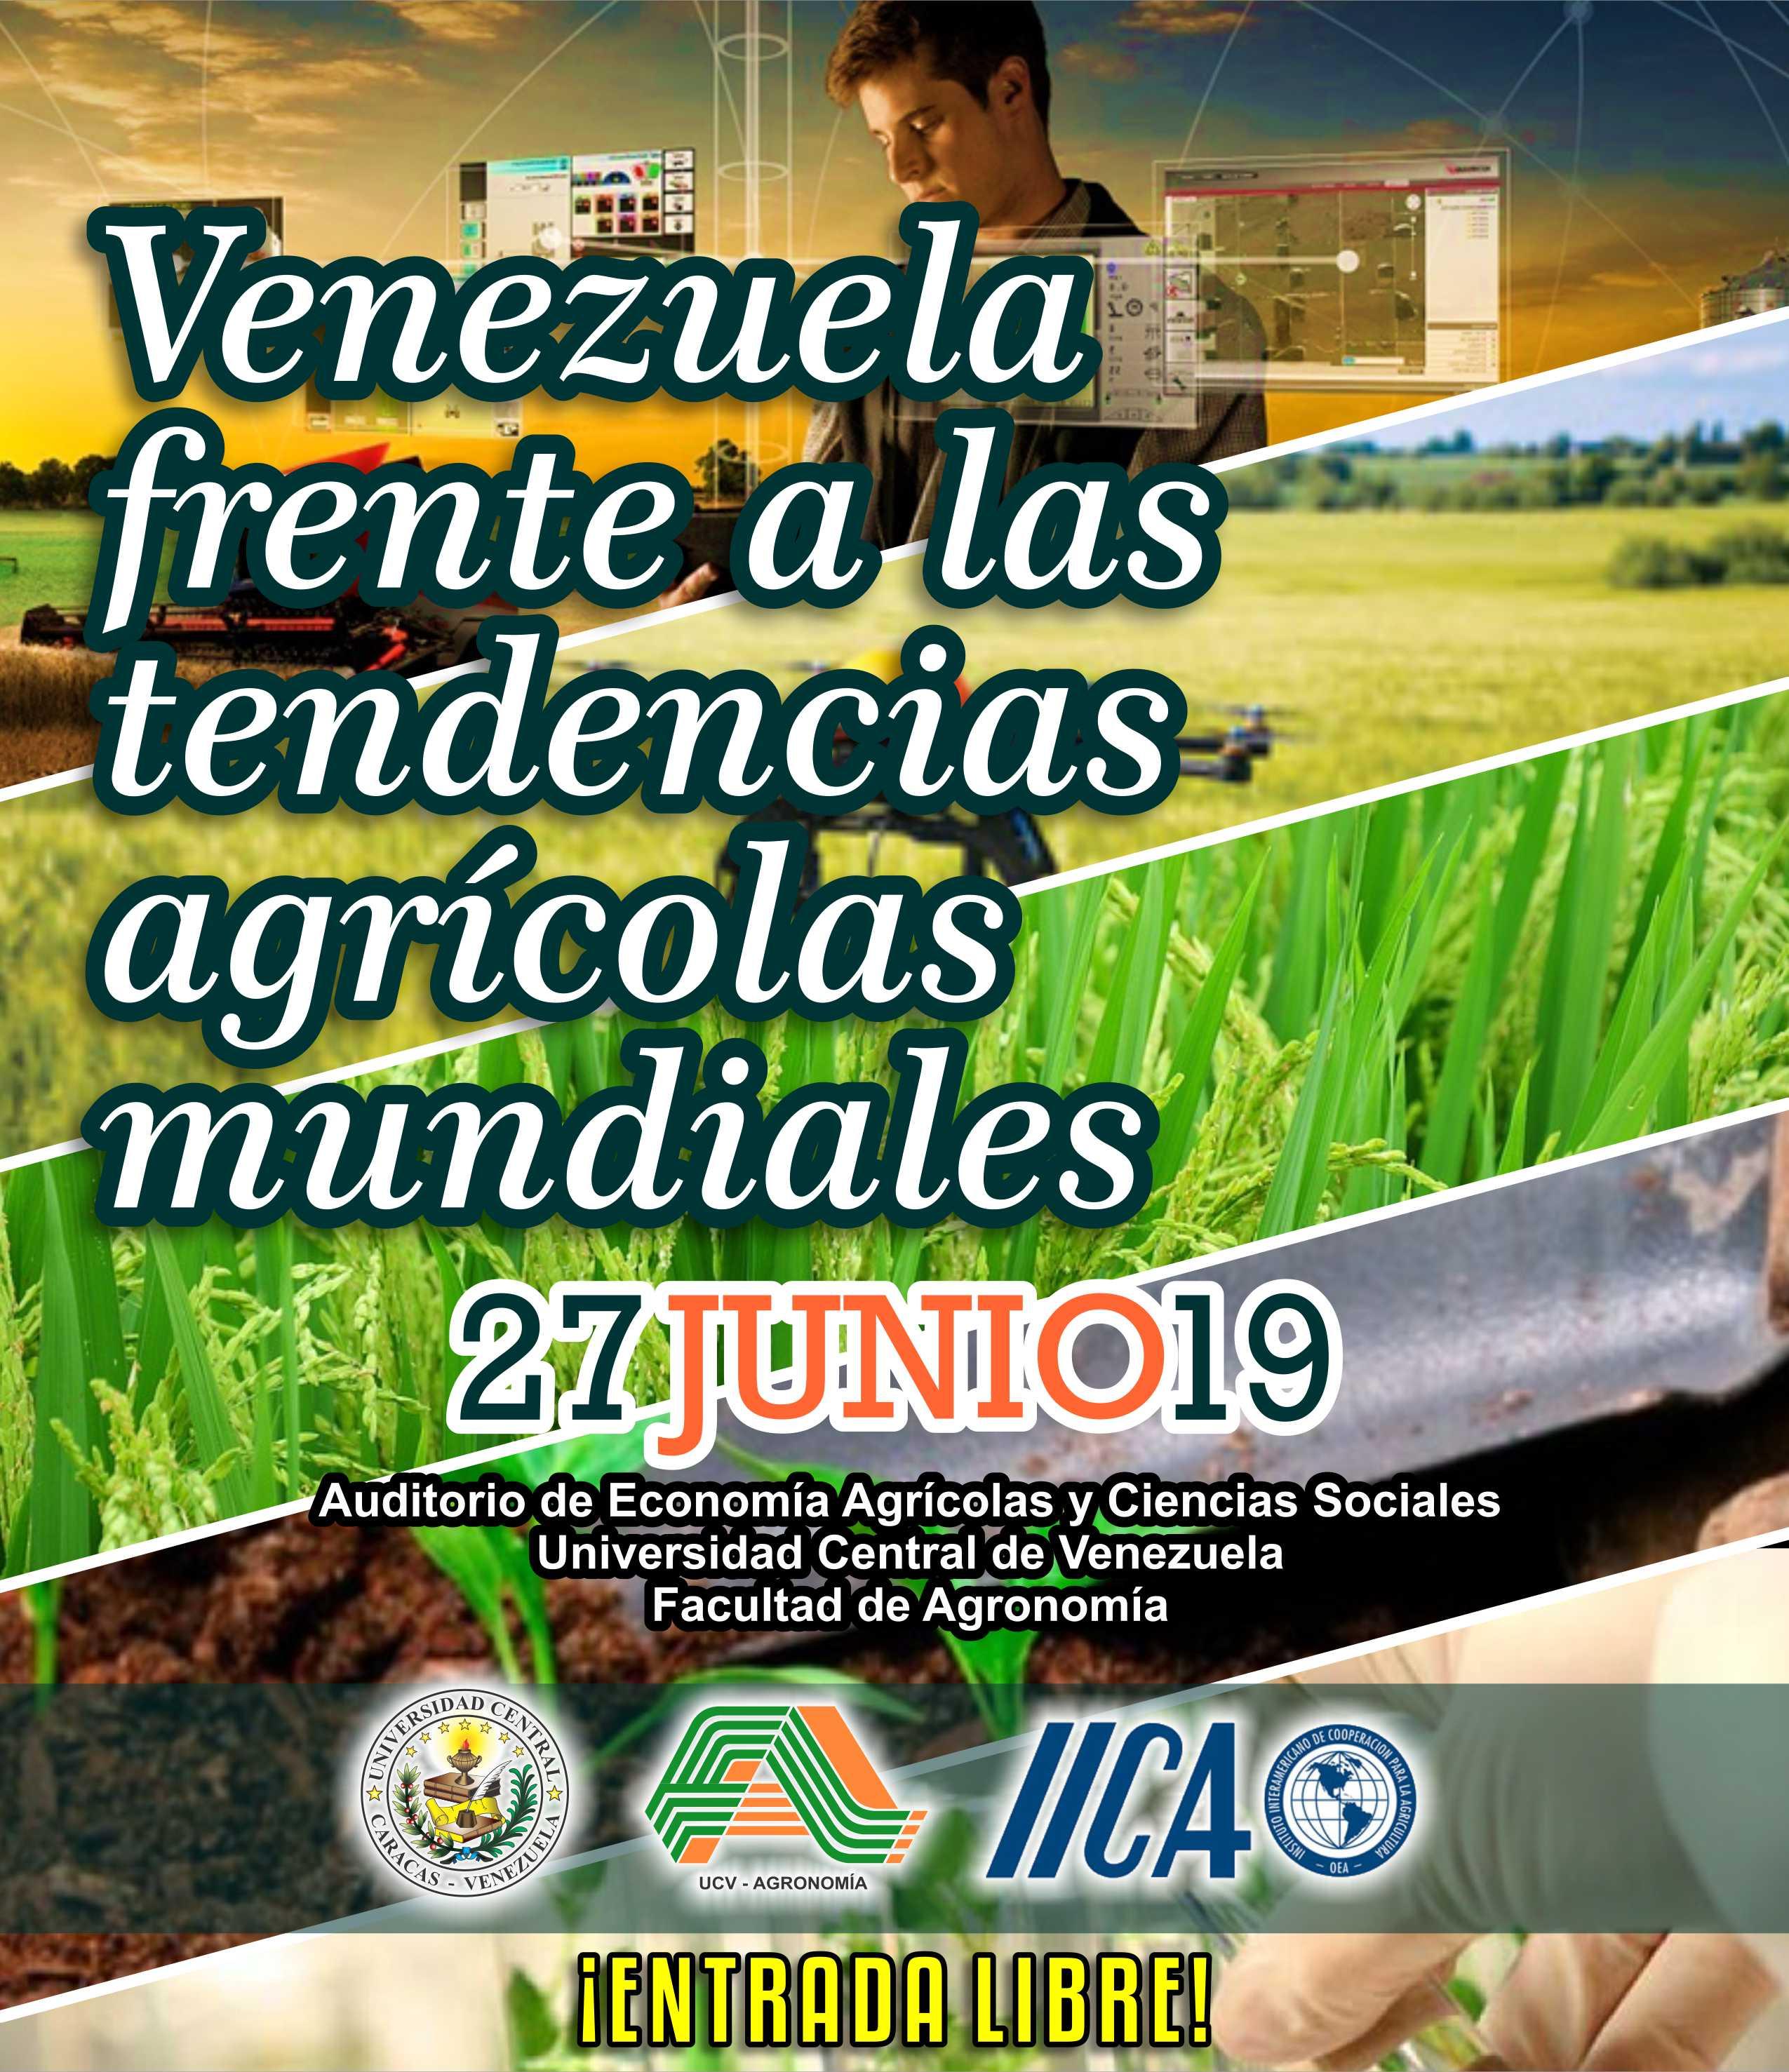 """Seminario """"Venezuela frente a las tendencias agrícolas mundiales"""", Facultad de Agronomía, UCV."""